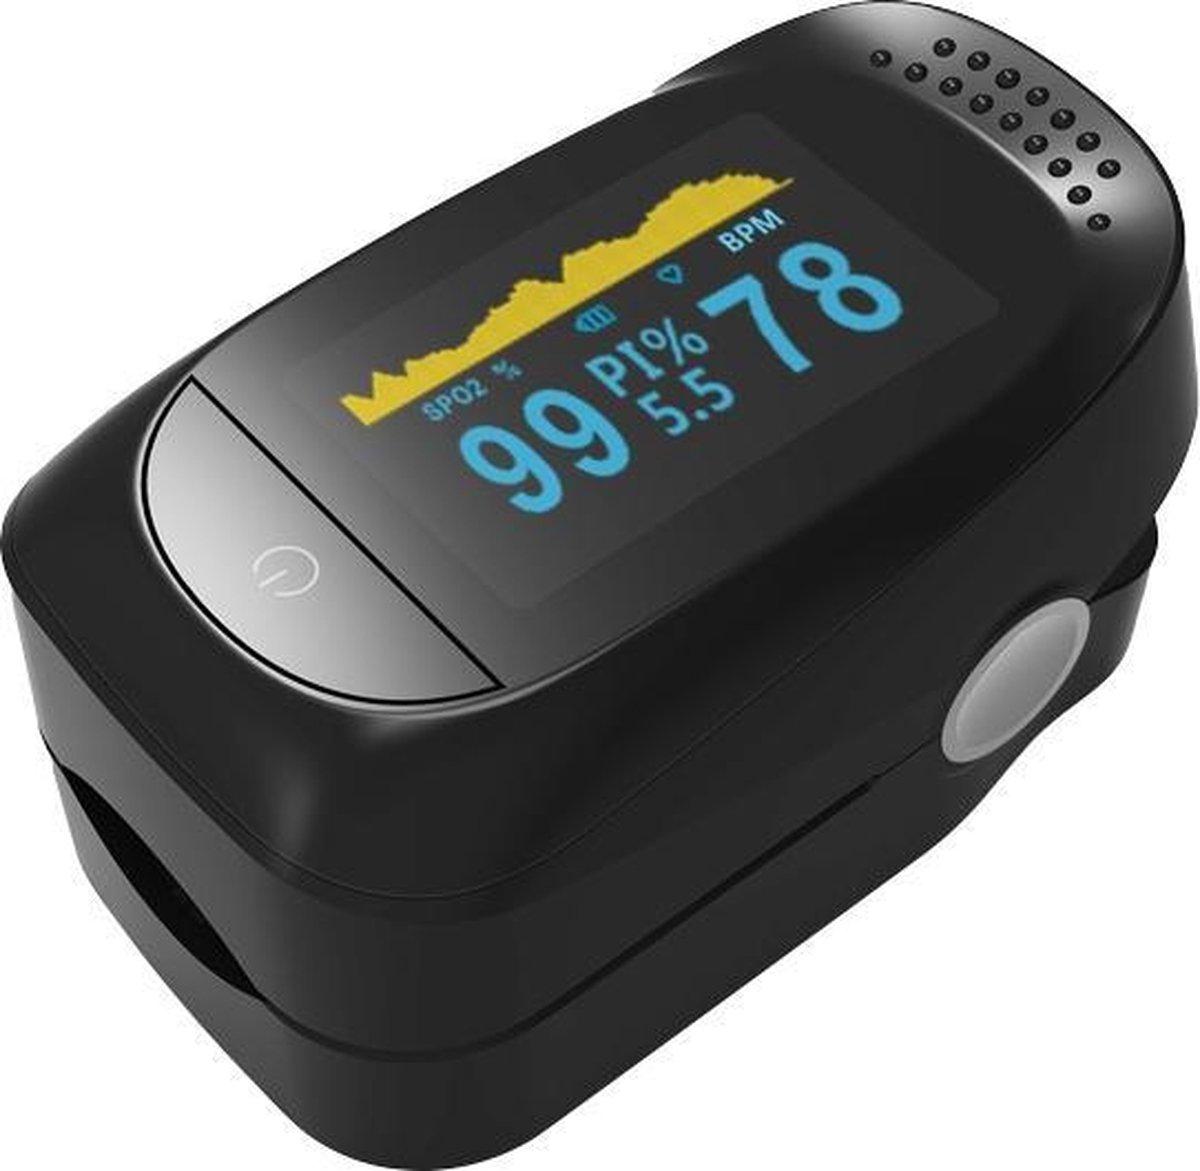 BURCH Med     Saturatiemeter zuurstofmeter vinger - Oximeter - CE + FAGG Medische kwalificatie en in